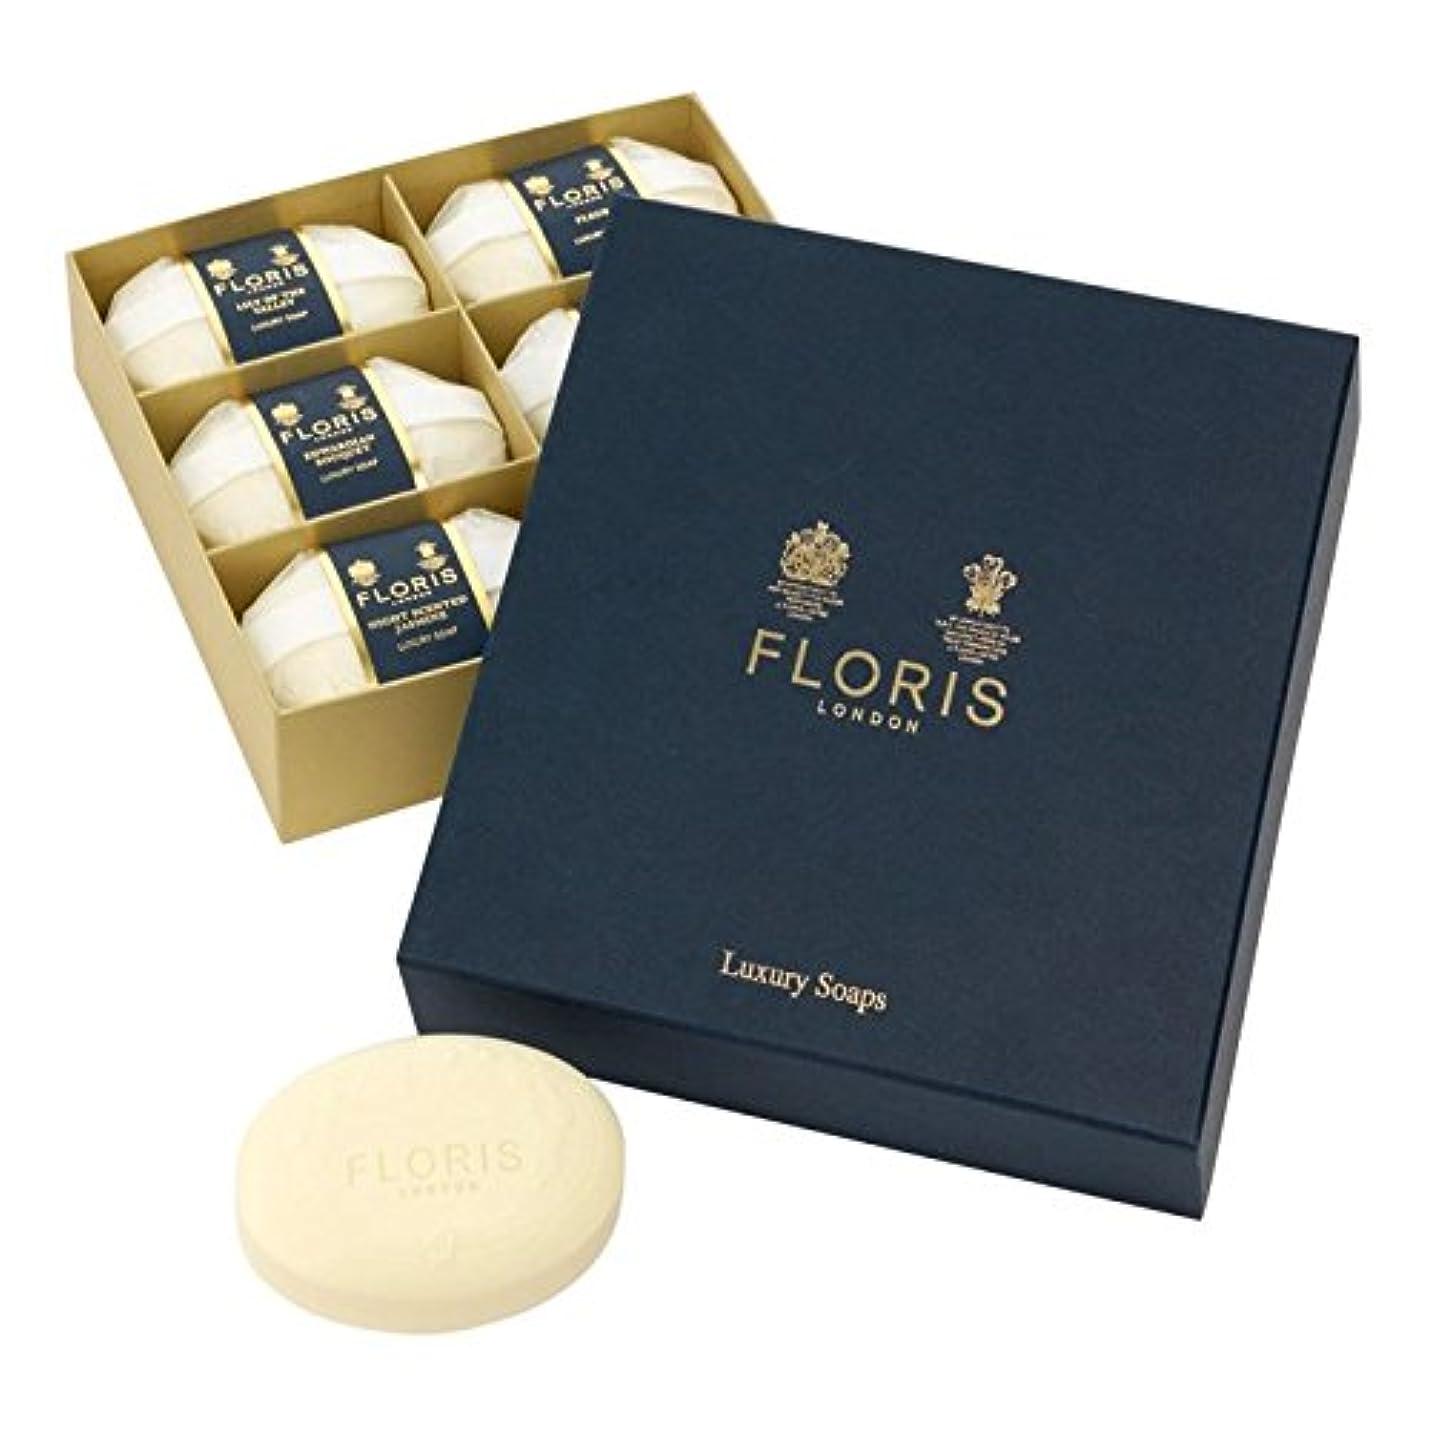 リッチ招待足[Floris ] フロリス高級ソープコレクション6×100グラム - Floris Luxury Soap Collection 6 x 100g [並行輸入品]